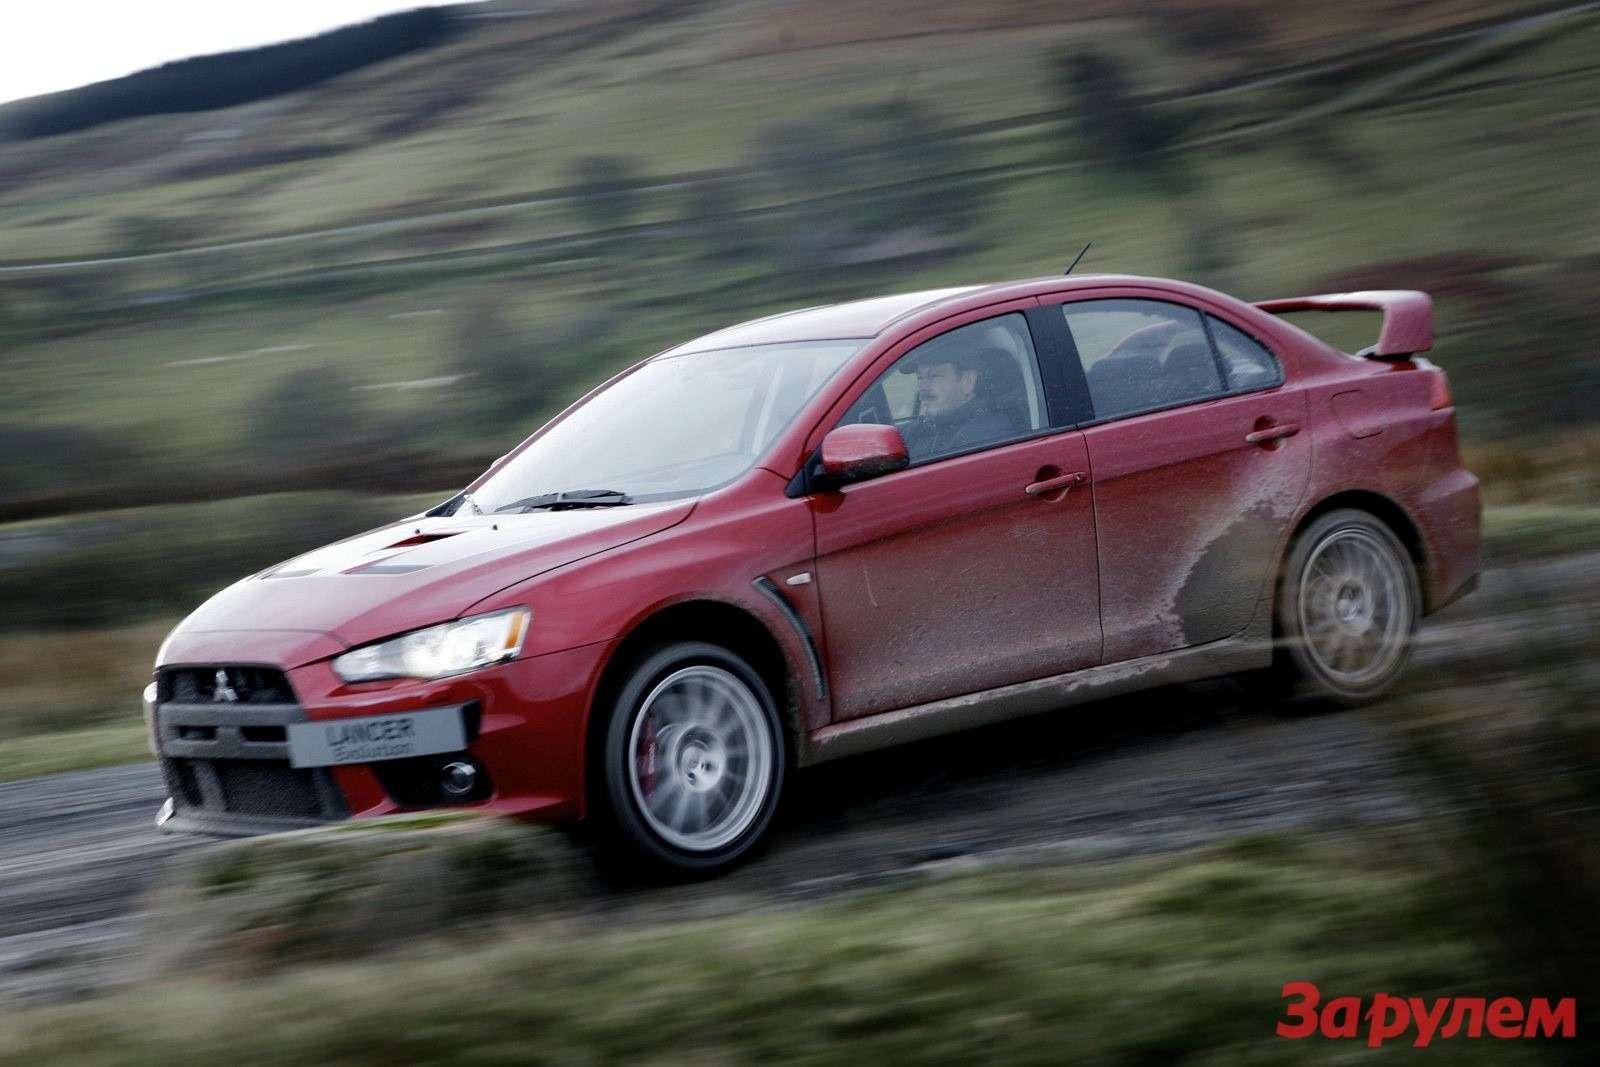 Mitsubishi-Lancer_Evolution_X_2008_1600x1200_wallpaper_06